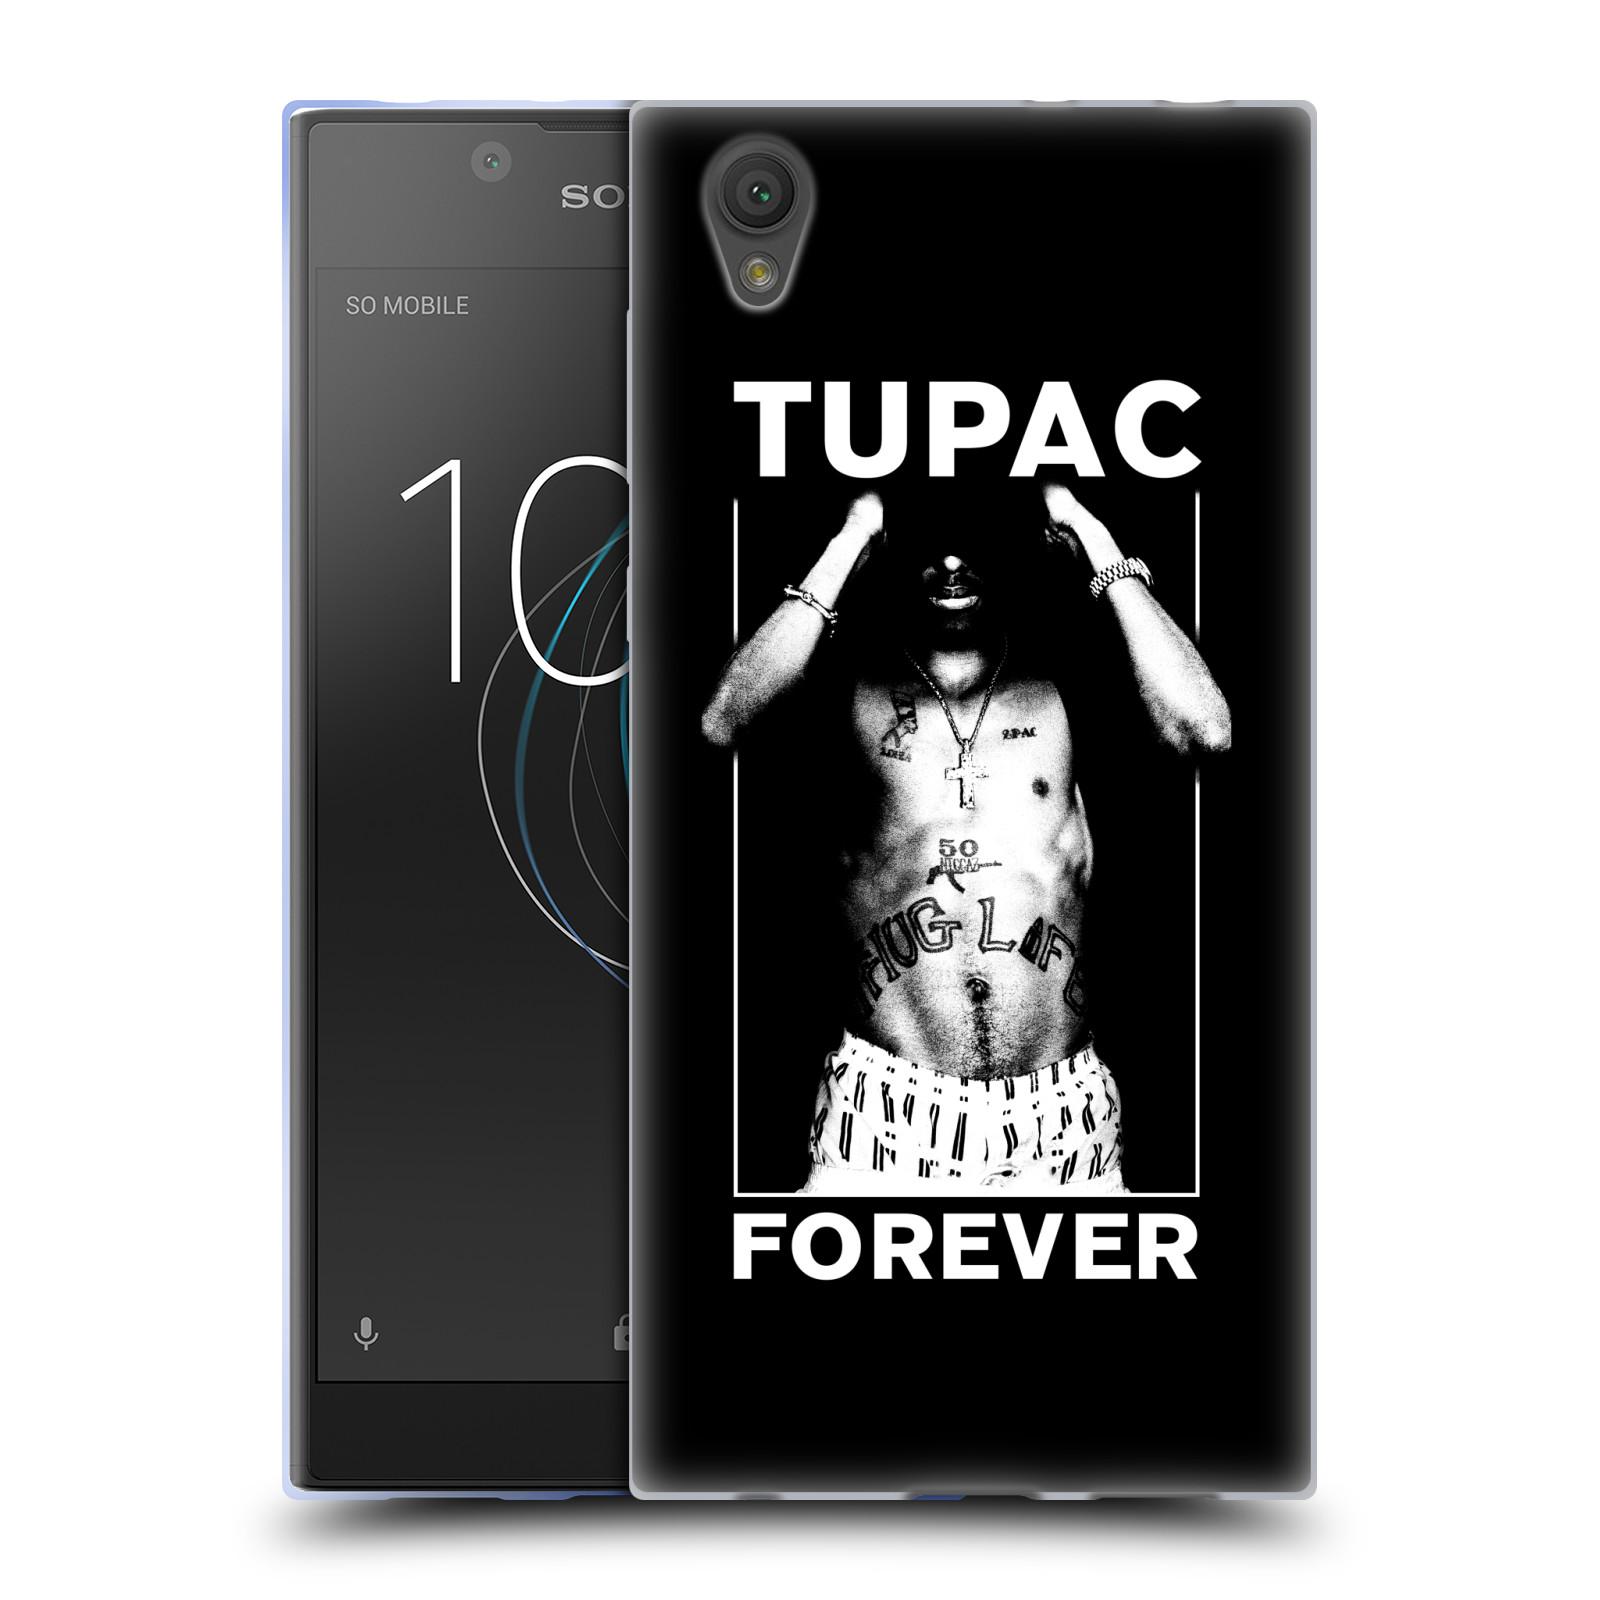 HEAD CASE silikonový obal na mobil Sony Xperia L1 Zpěvák rapper Tupac Shakur 2Pac bílý popisek FOREVER